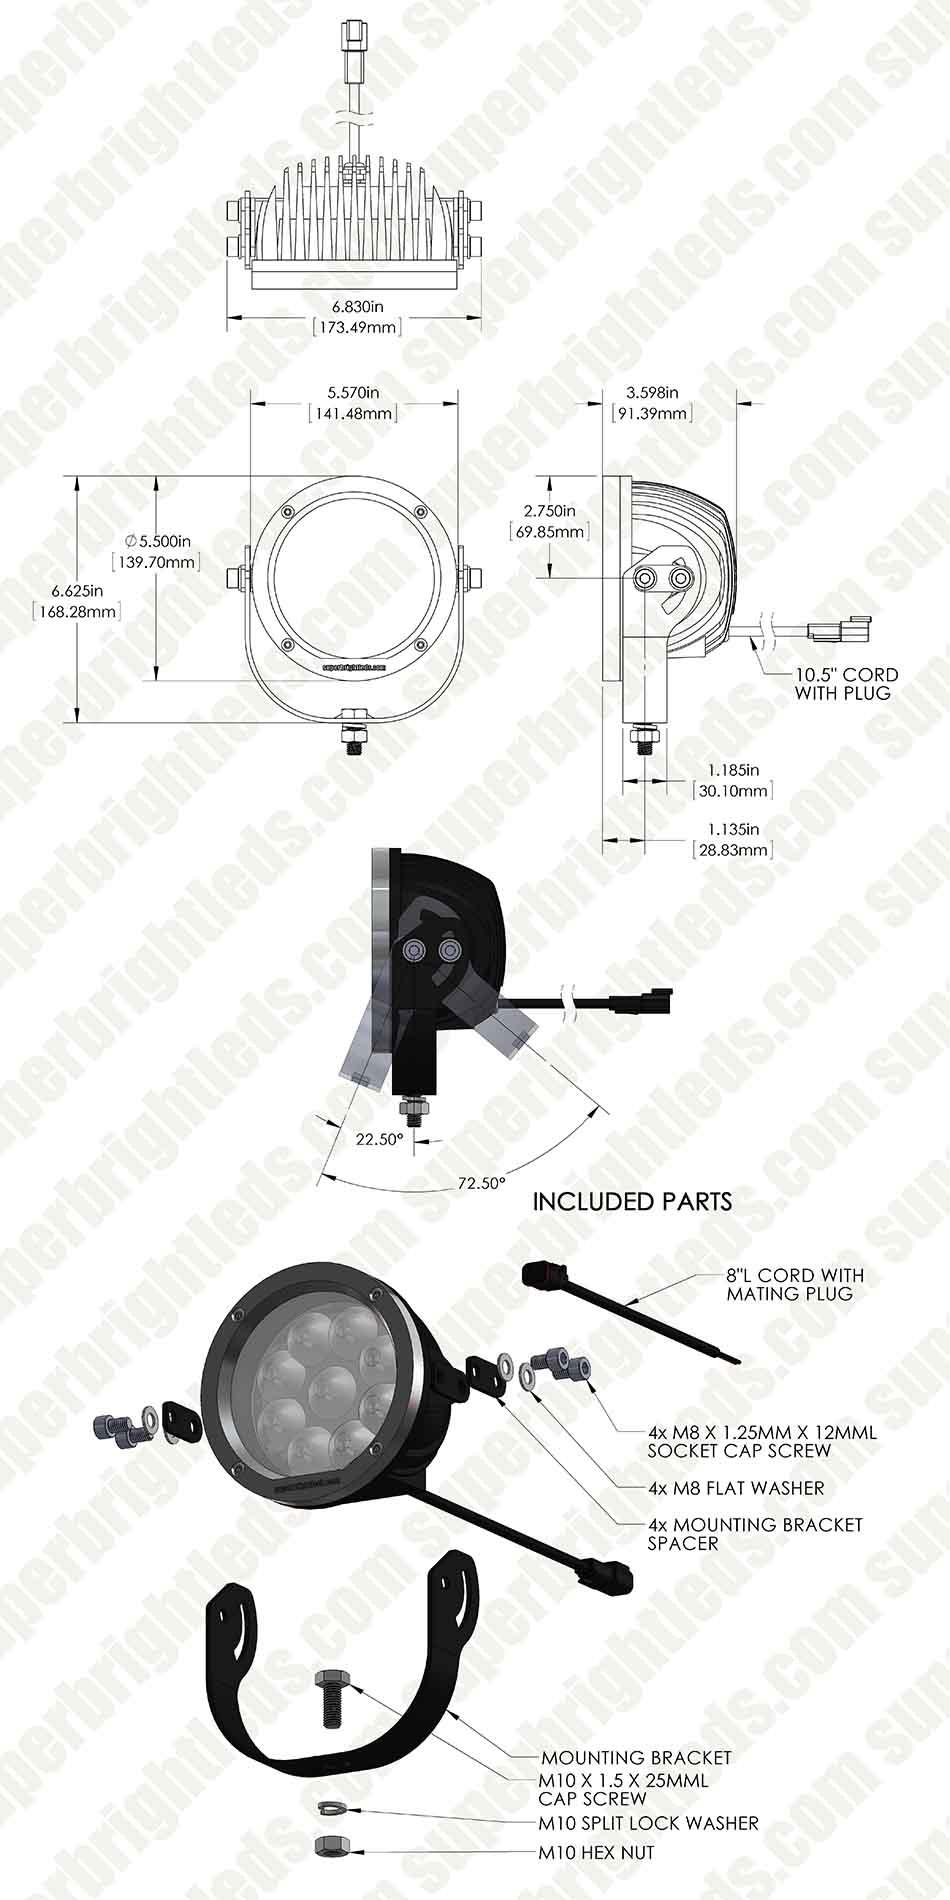 LED Golf Cart Light - 5.5